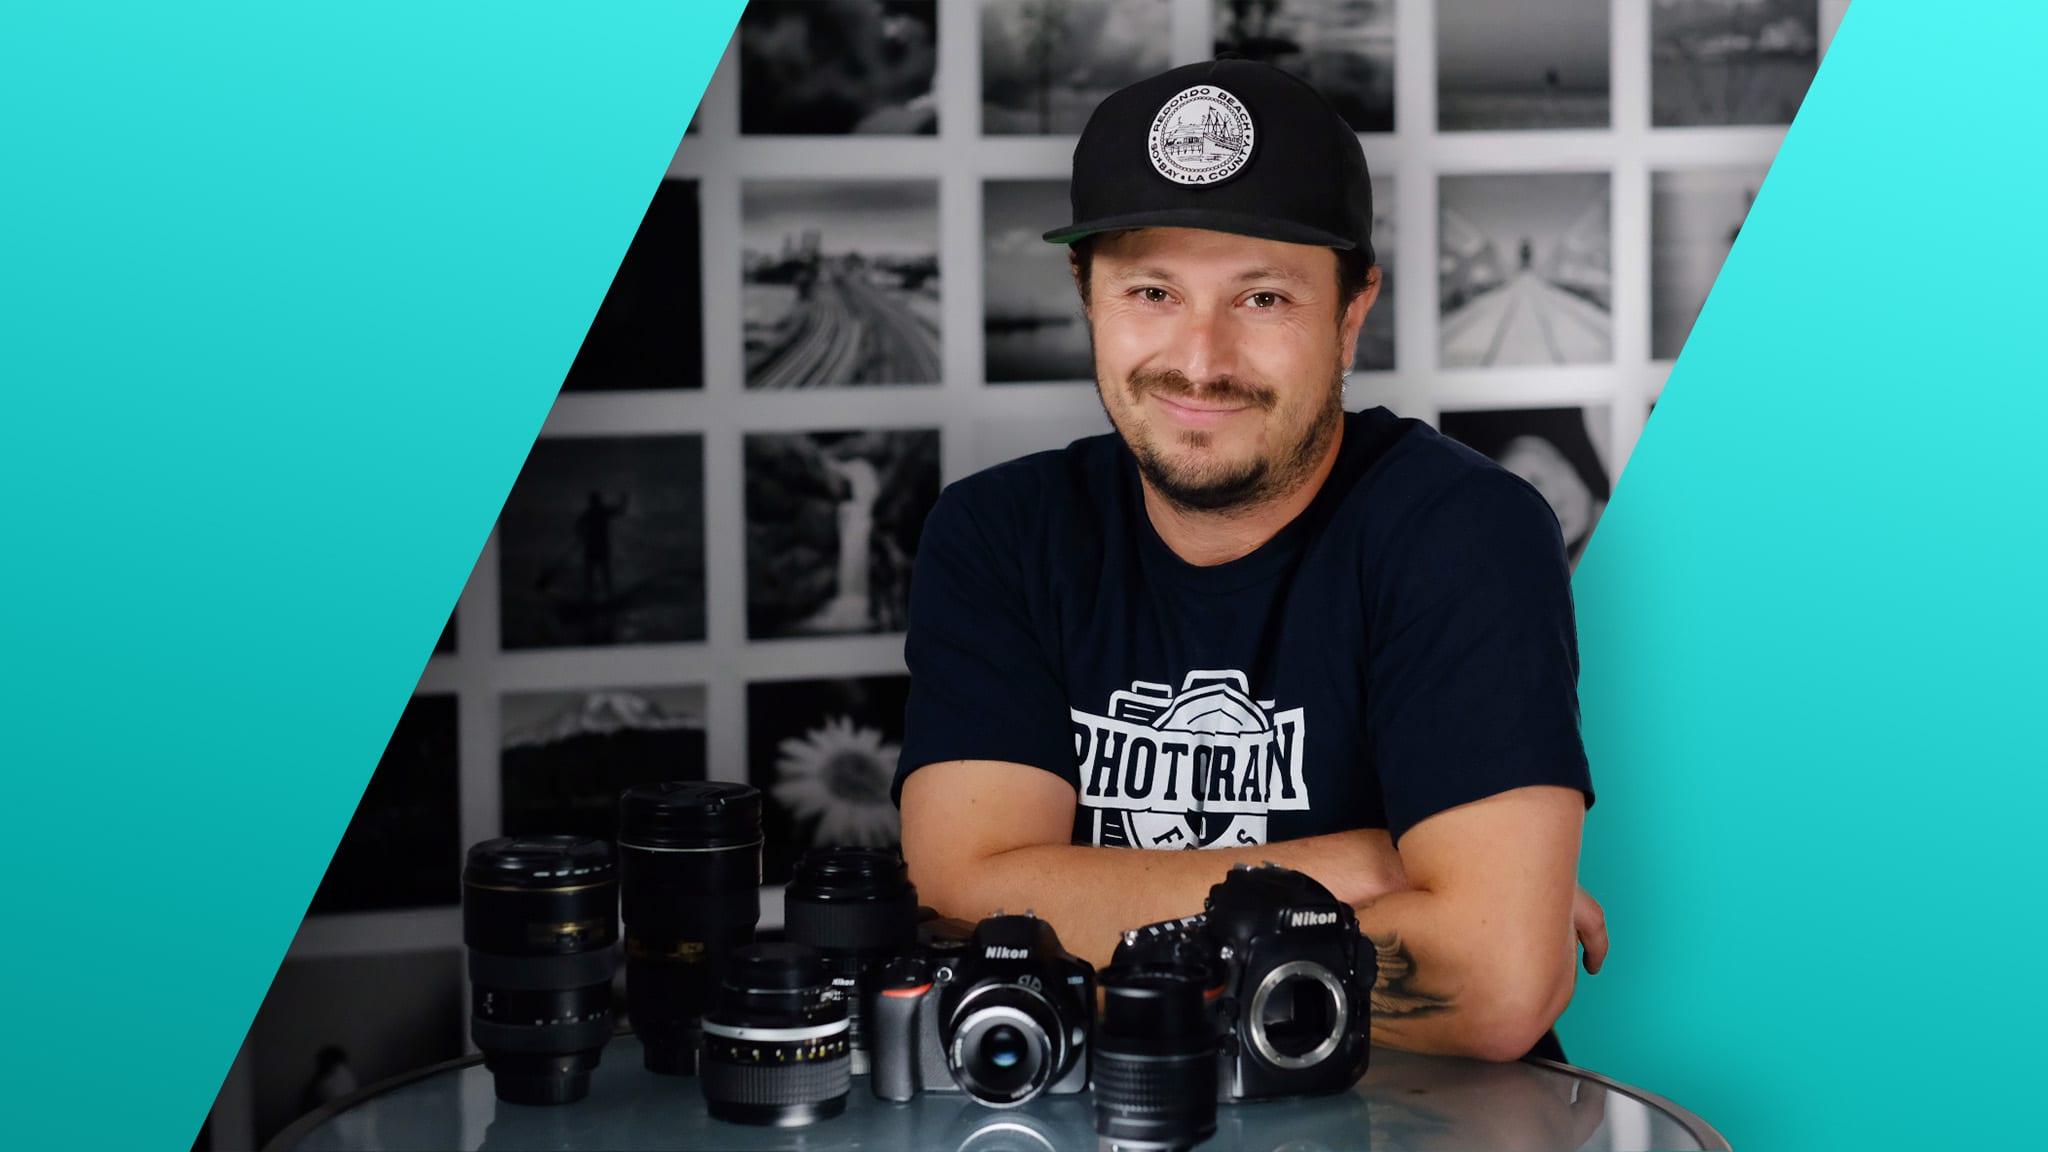 Nikon Camera Course